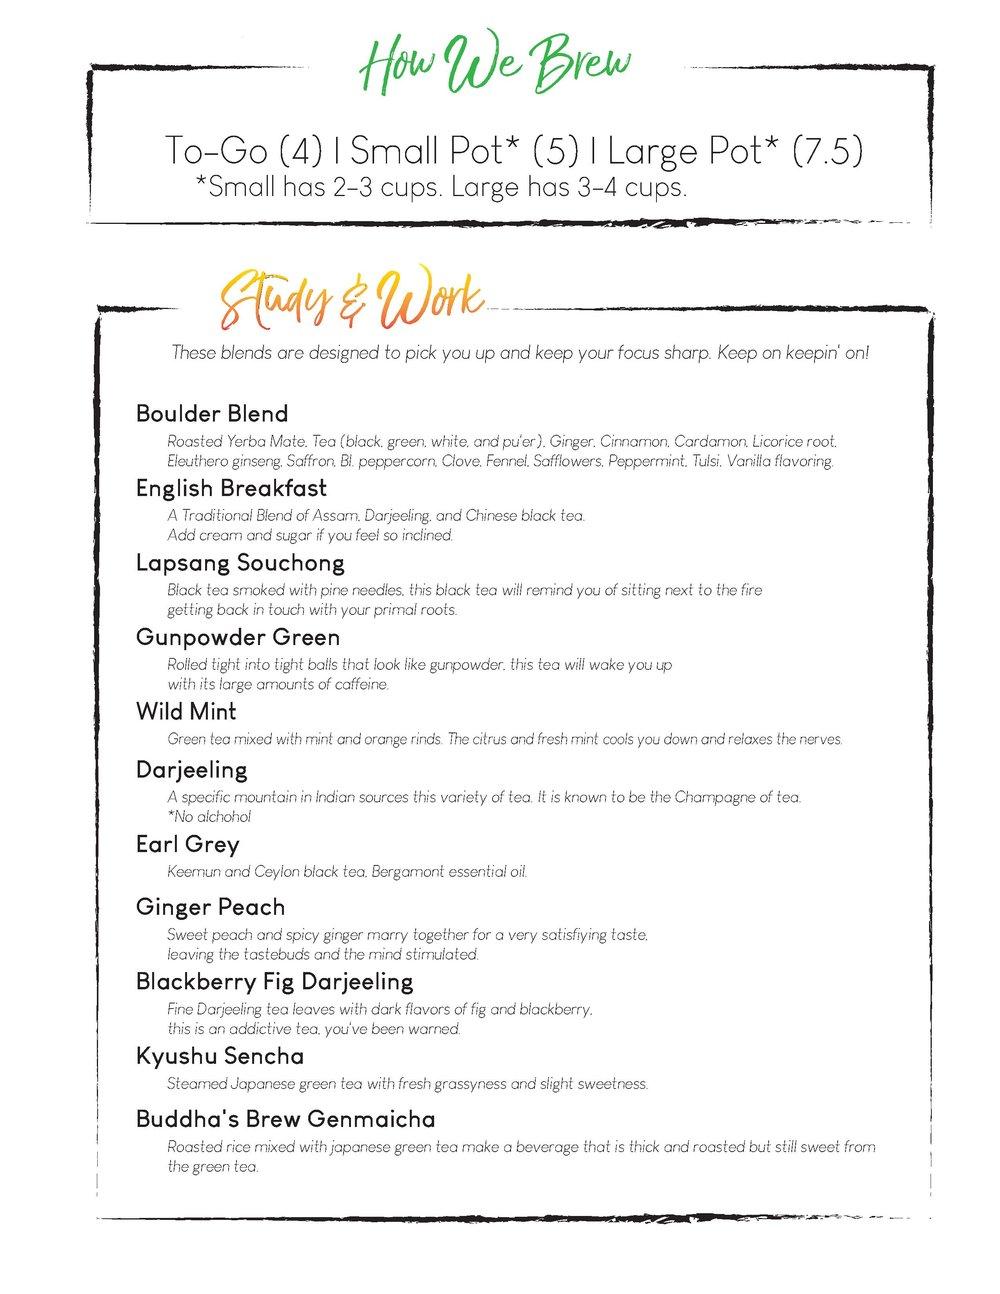 HTH menu-2.jpg